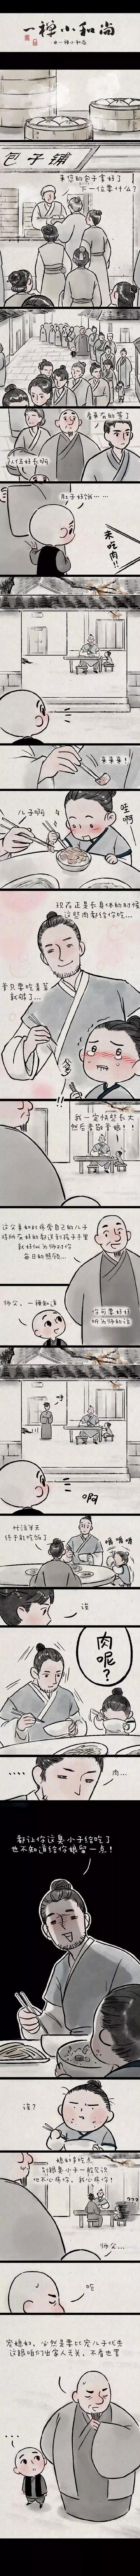 「暖心漫畫」有些委屈無法言說,但卻又很溫馨